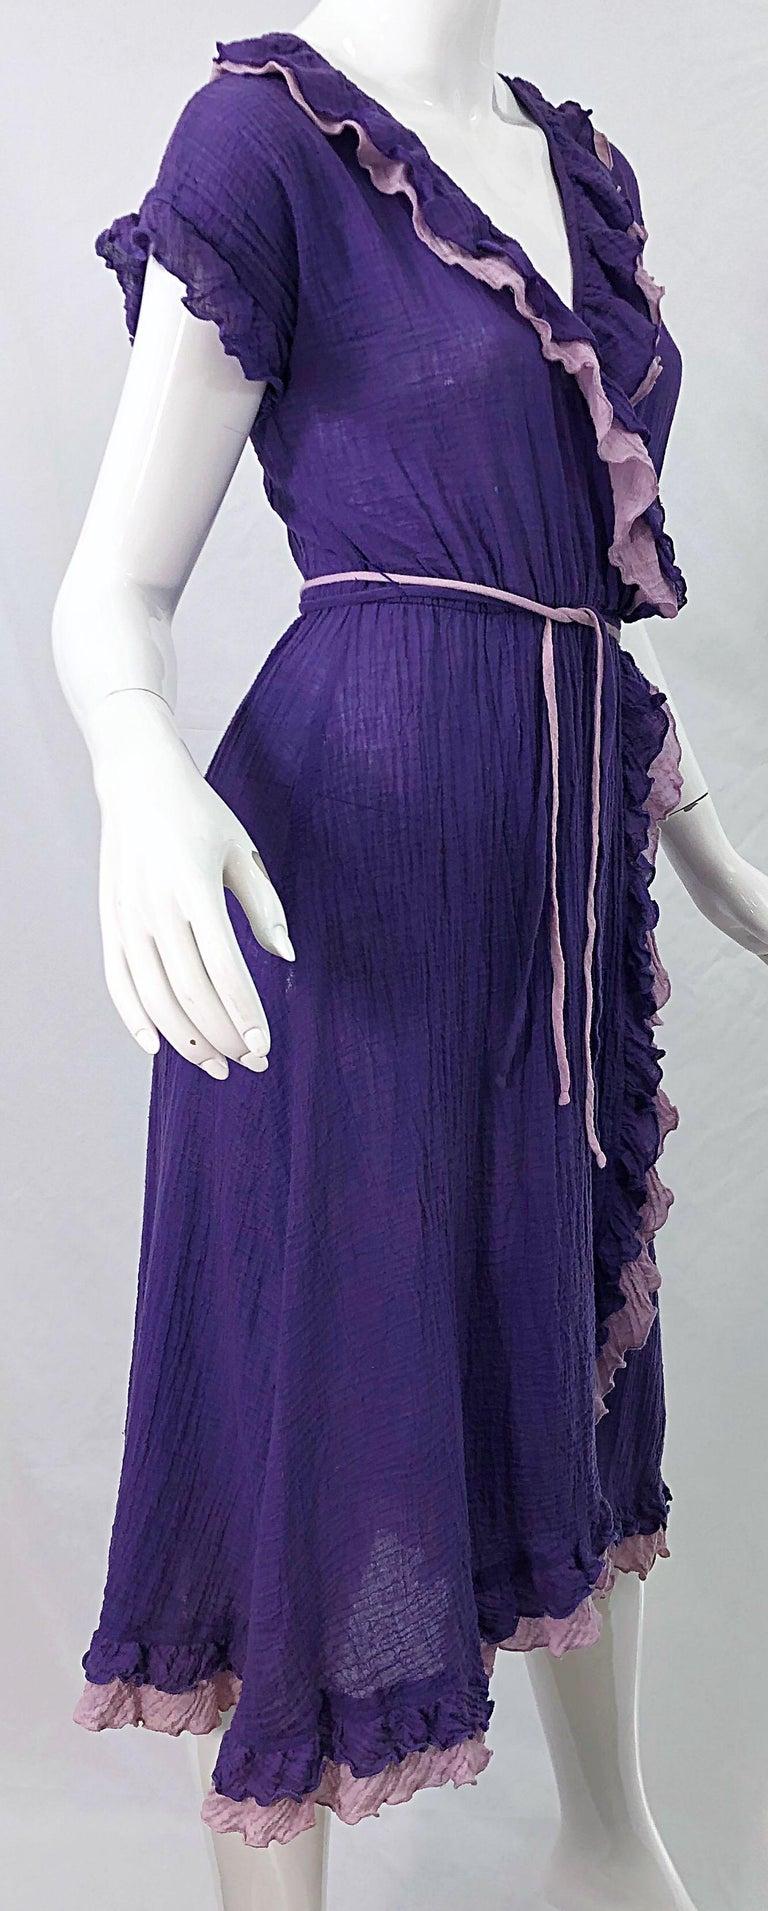 1970s Purple Lavender Lightweight Cotton Voile Vintage 70s Wrap Dress For Sale 6